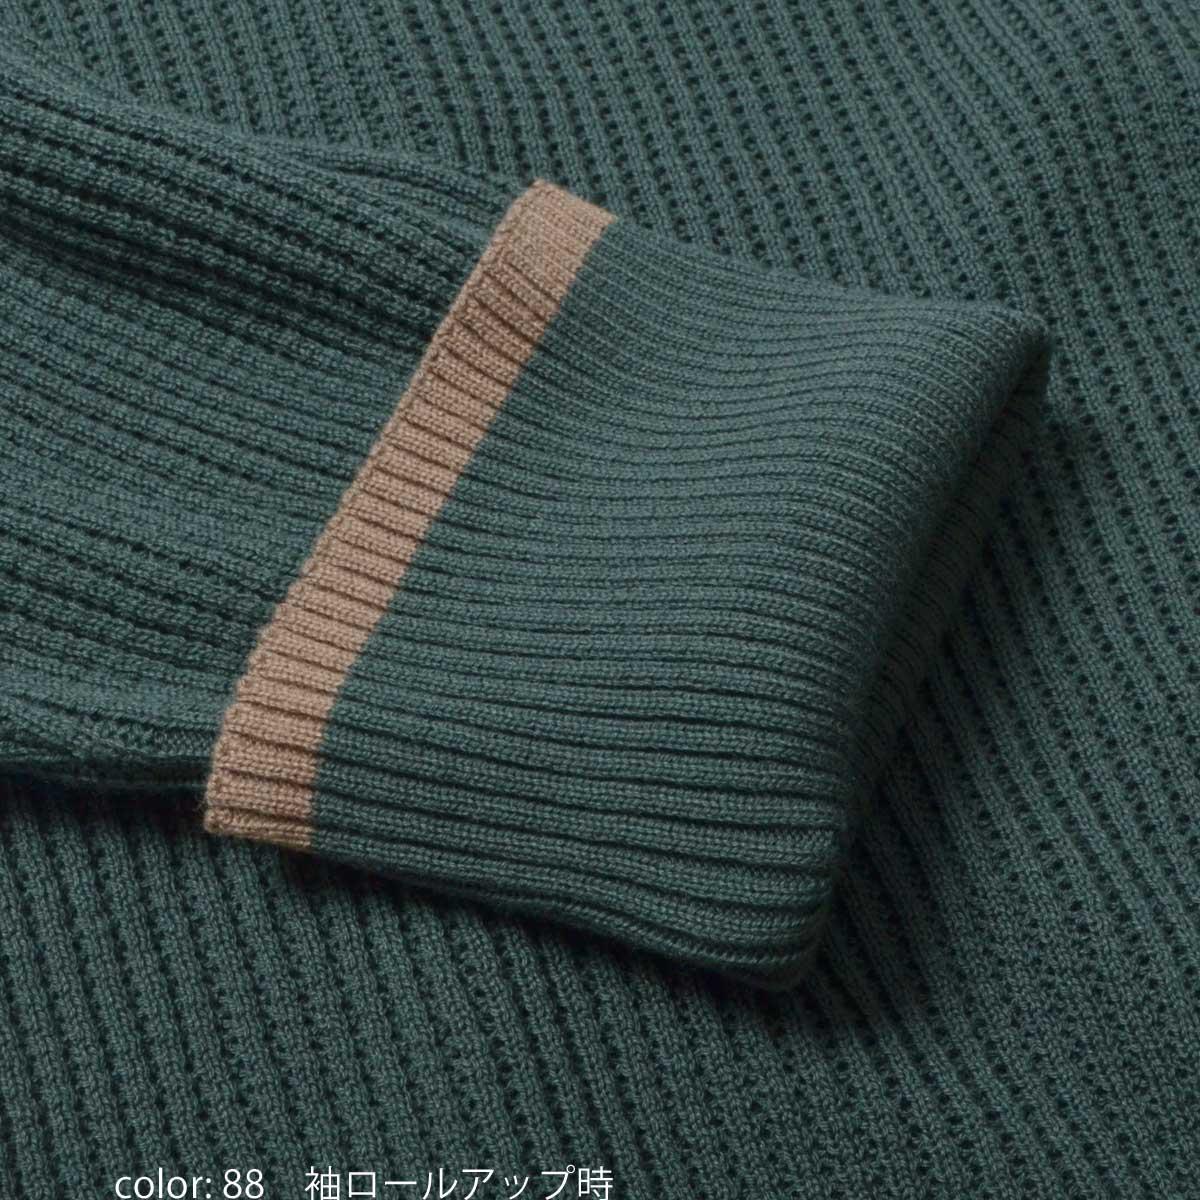 【再値下げ】コンパクトヤーンニットタック編みプルオーバー SCT113